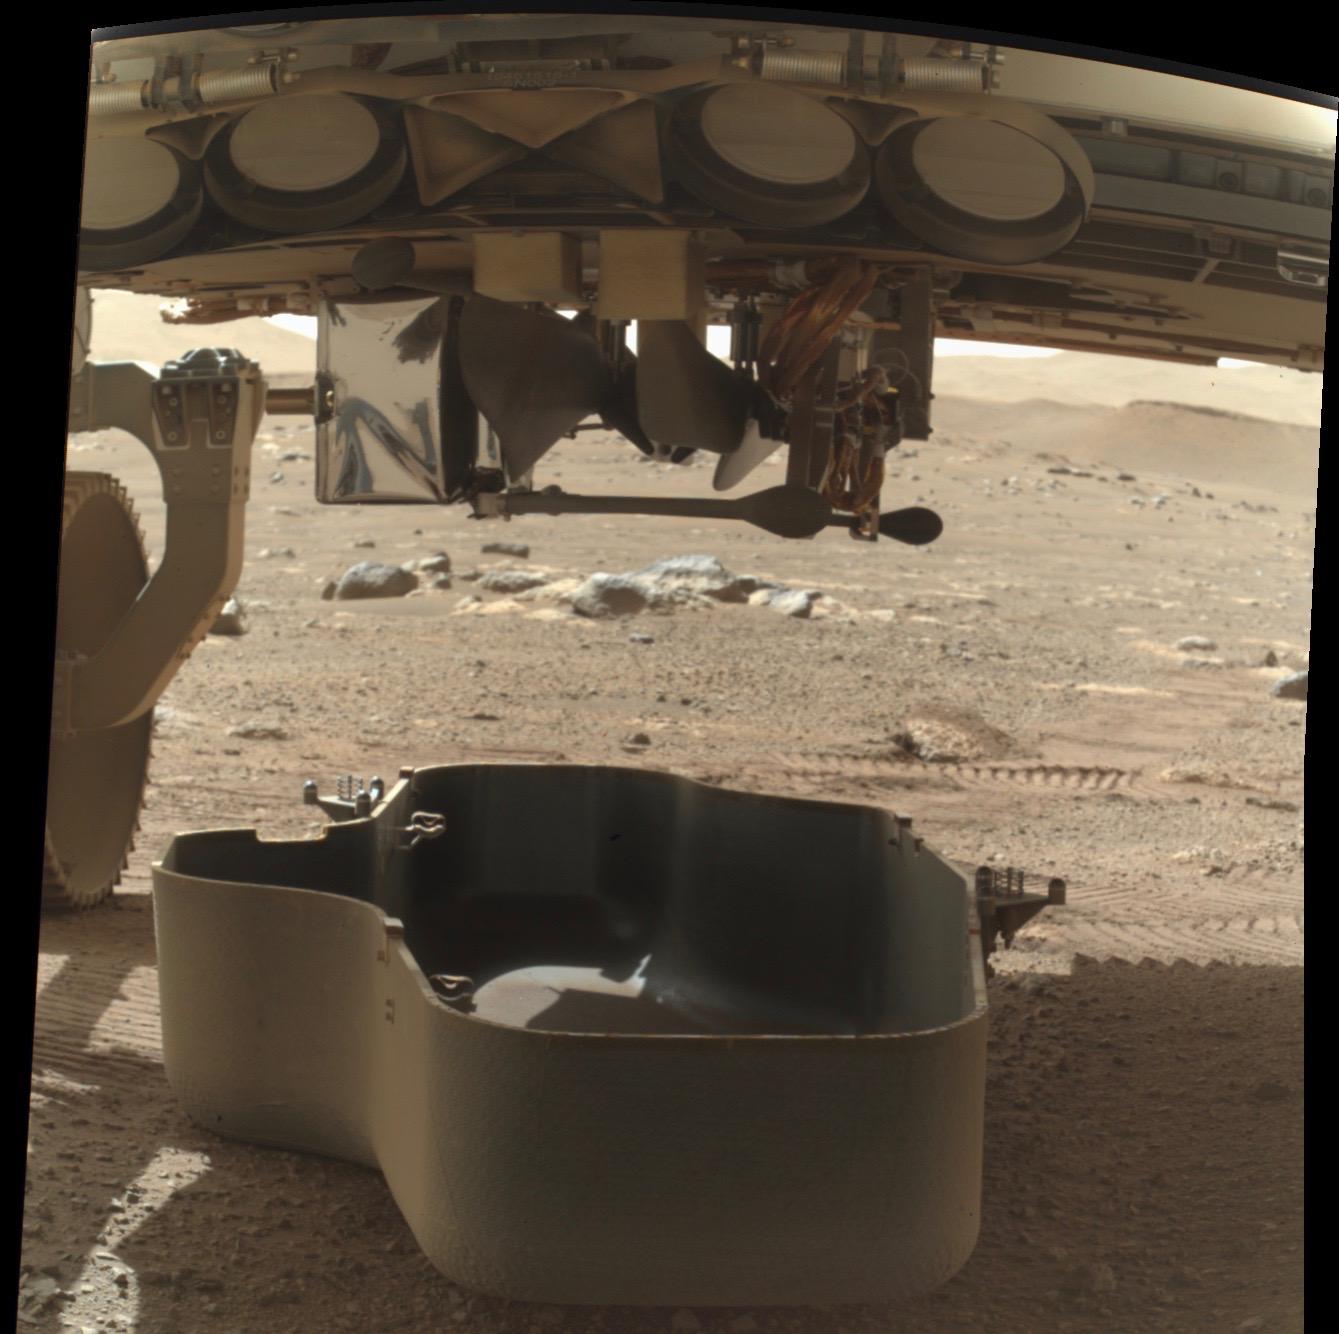 Le rover Perseverance de la NASA a largué le bouclier anti-débris qui recouvrait l'hélicoptère Mars Ingenuity, un pas vers le déploiement et le vol du petit hélicoptère.  Cette photo prise par Perseverance a été tweetée par le compte Twitter officiel du rover le 21 mars 2021.